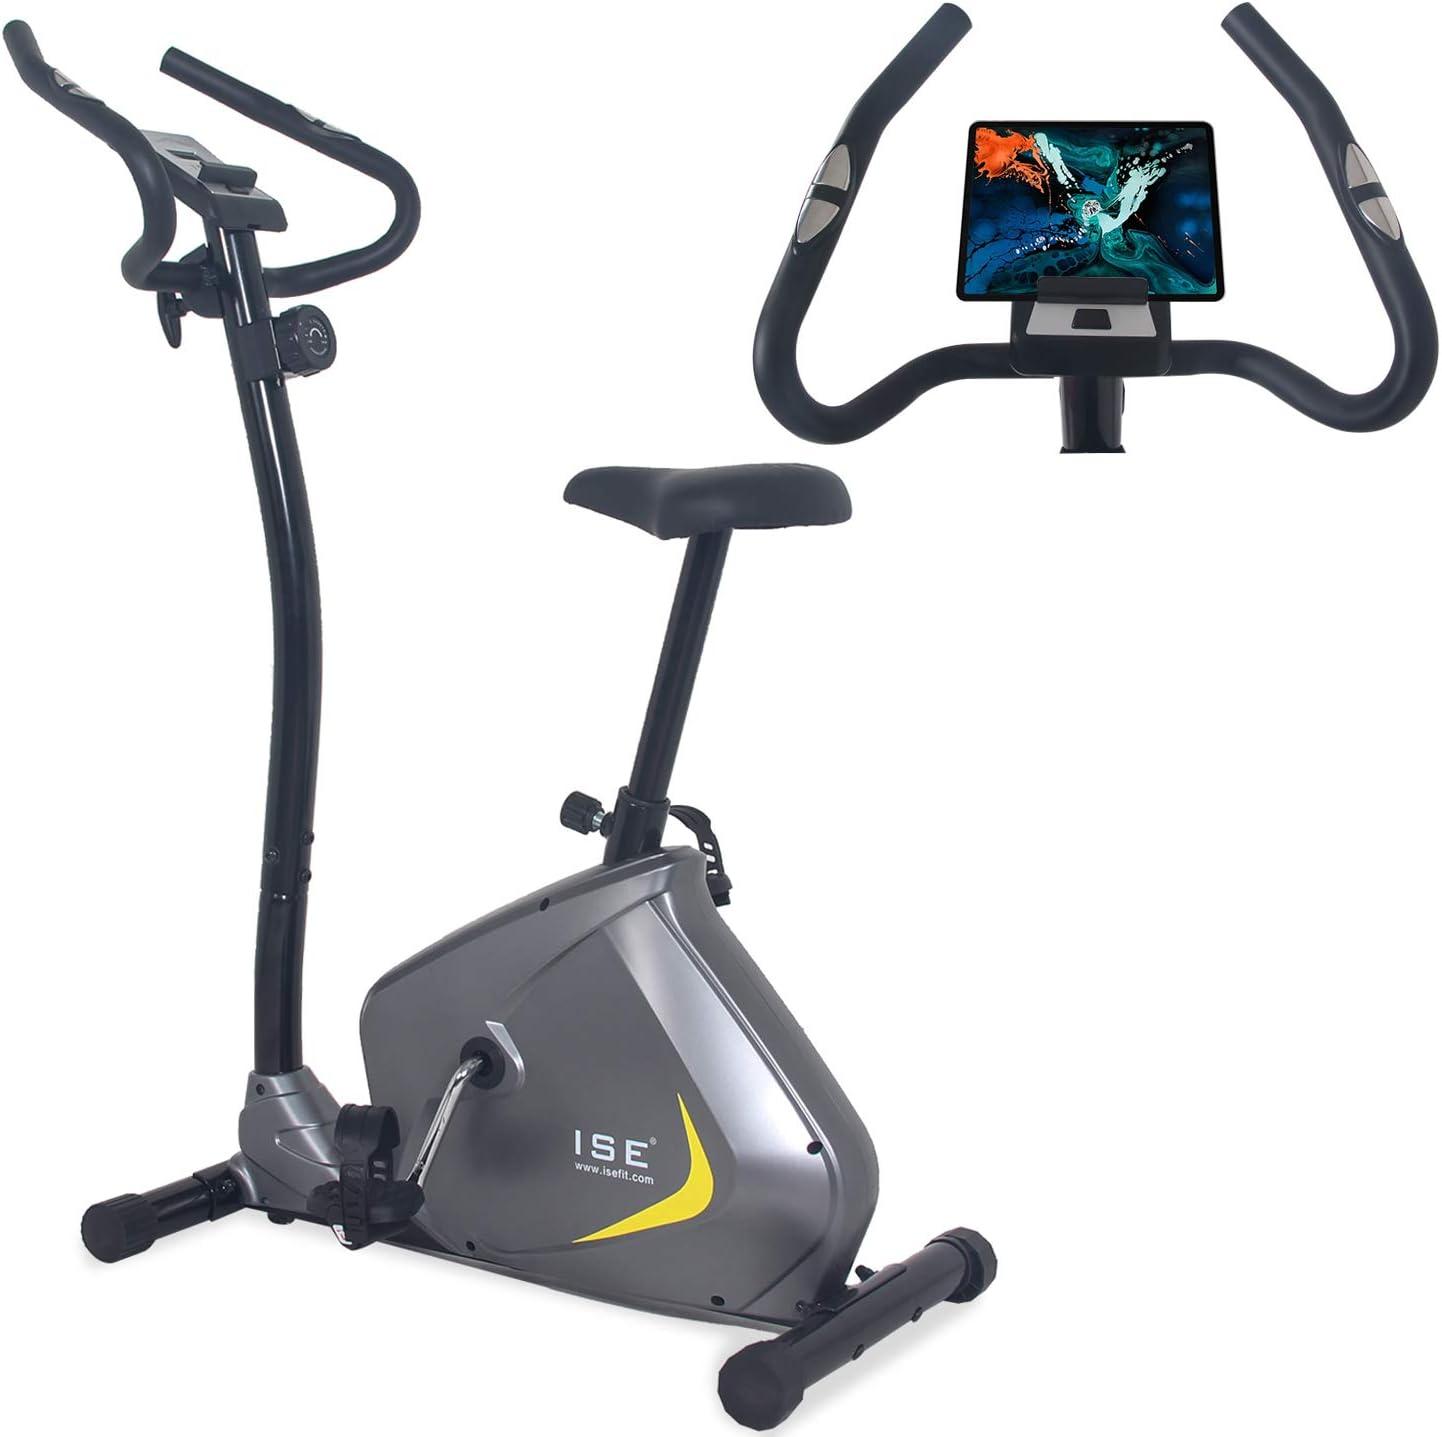 ISE Bicicleta Estática Magnético con Sensor de Pulso, 8 Niveles de Resistencia, Ejercicio Aerobico Indoor para Oficina/Hogar